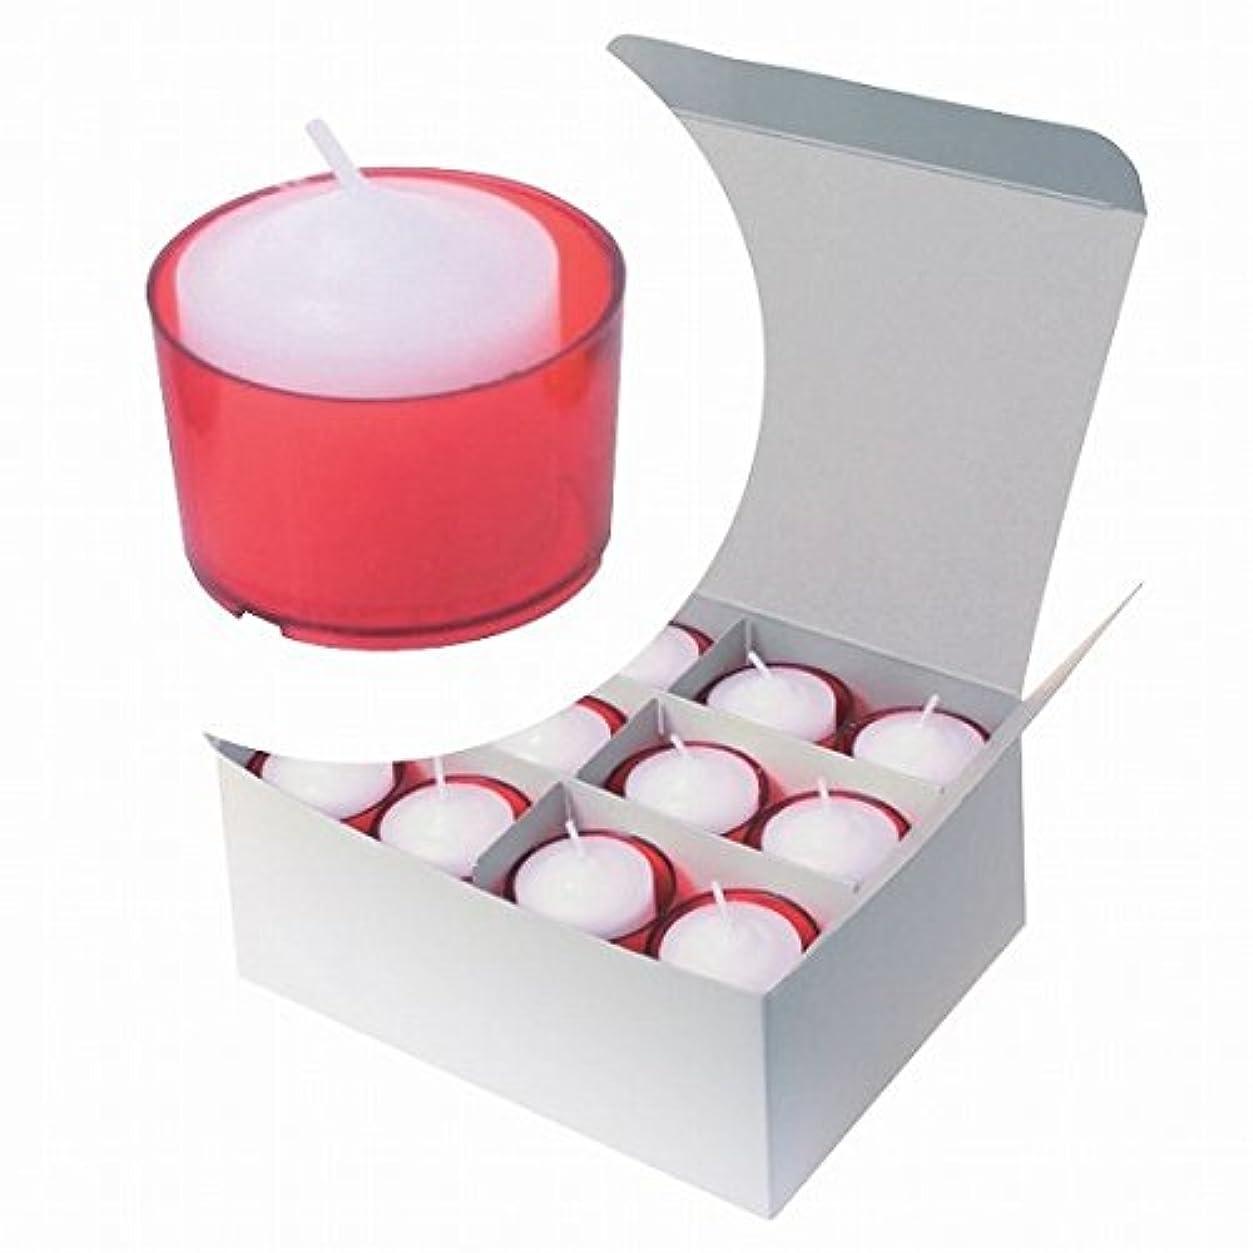 状態三十関数カメヤマキャンドル( kameyama candle ) カラークリアカップボーティブ6時間タイプ 24個入り 「 レッド 」